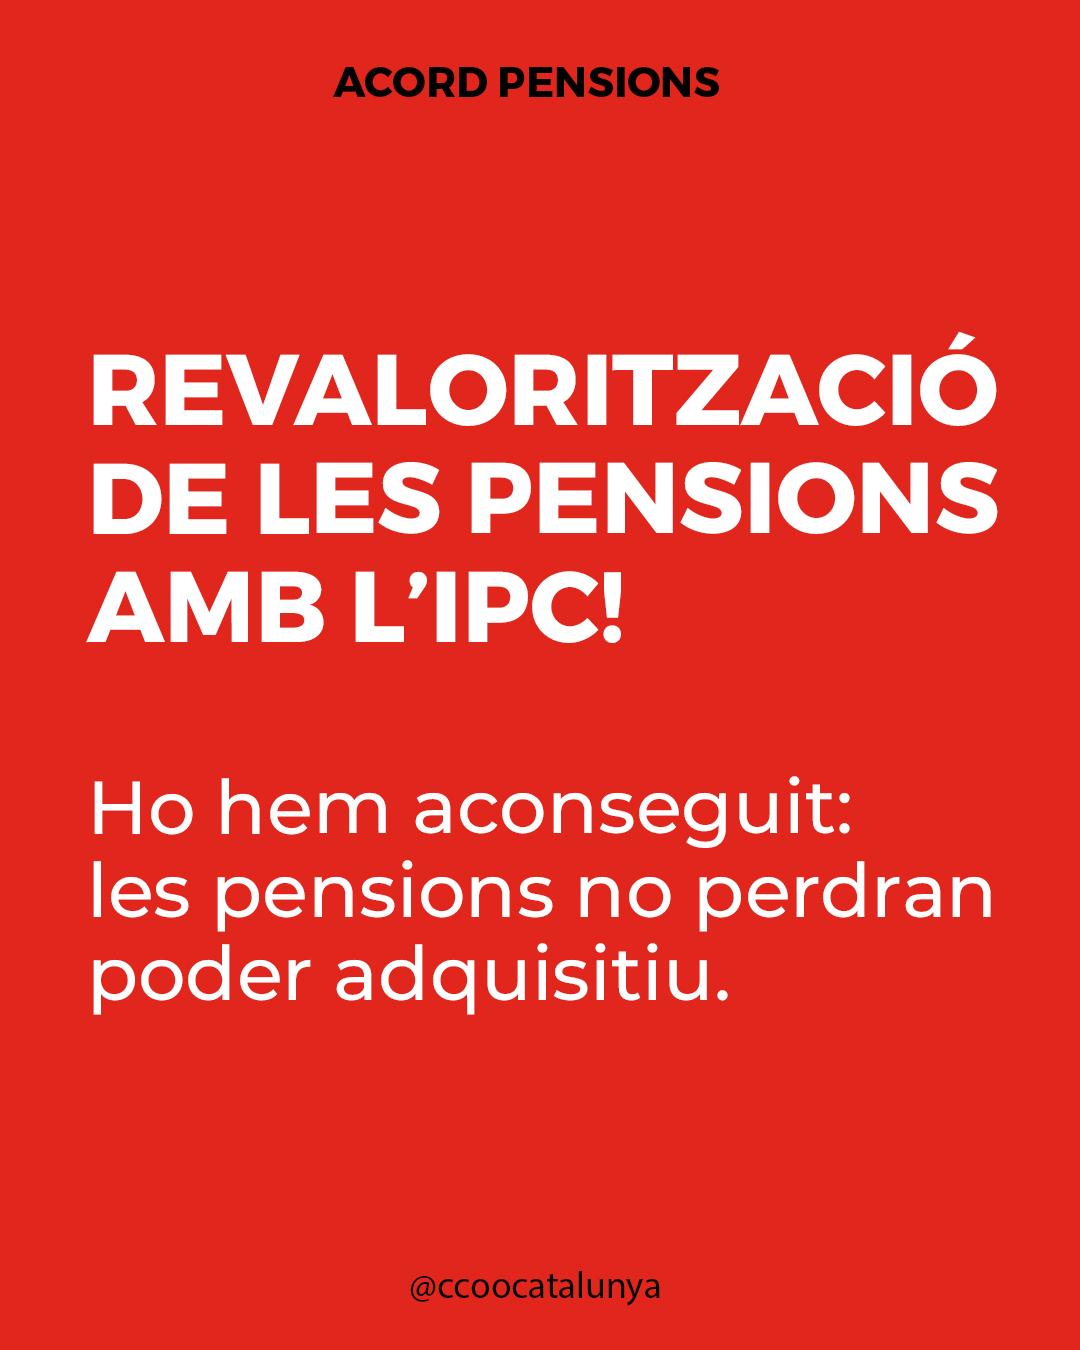 Revalorització de les pensions amb l'IPC